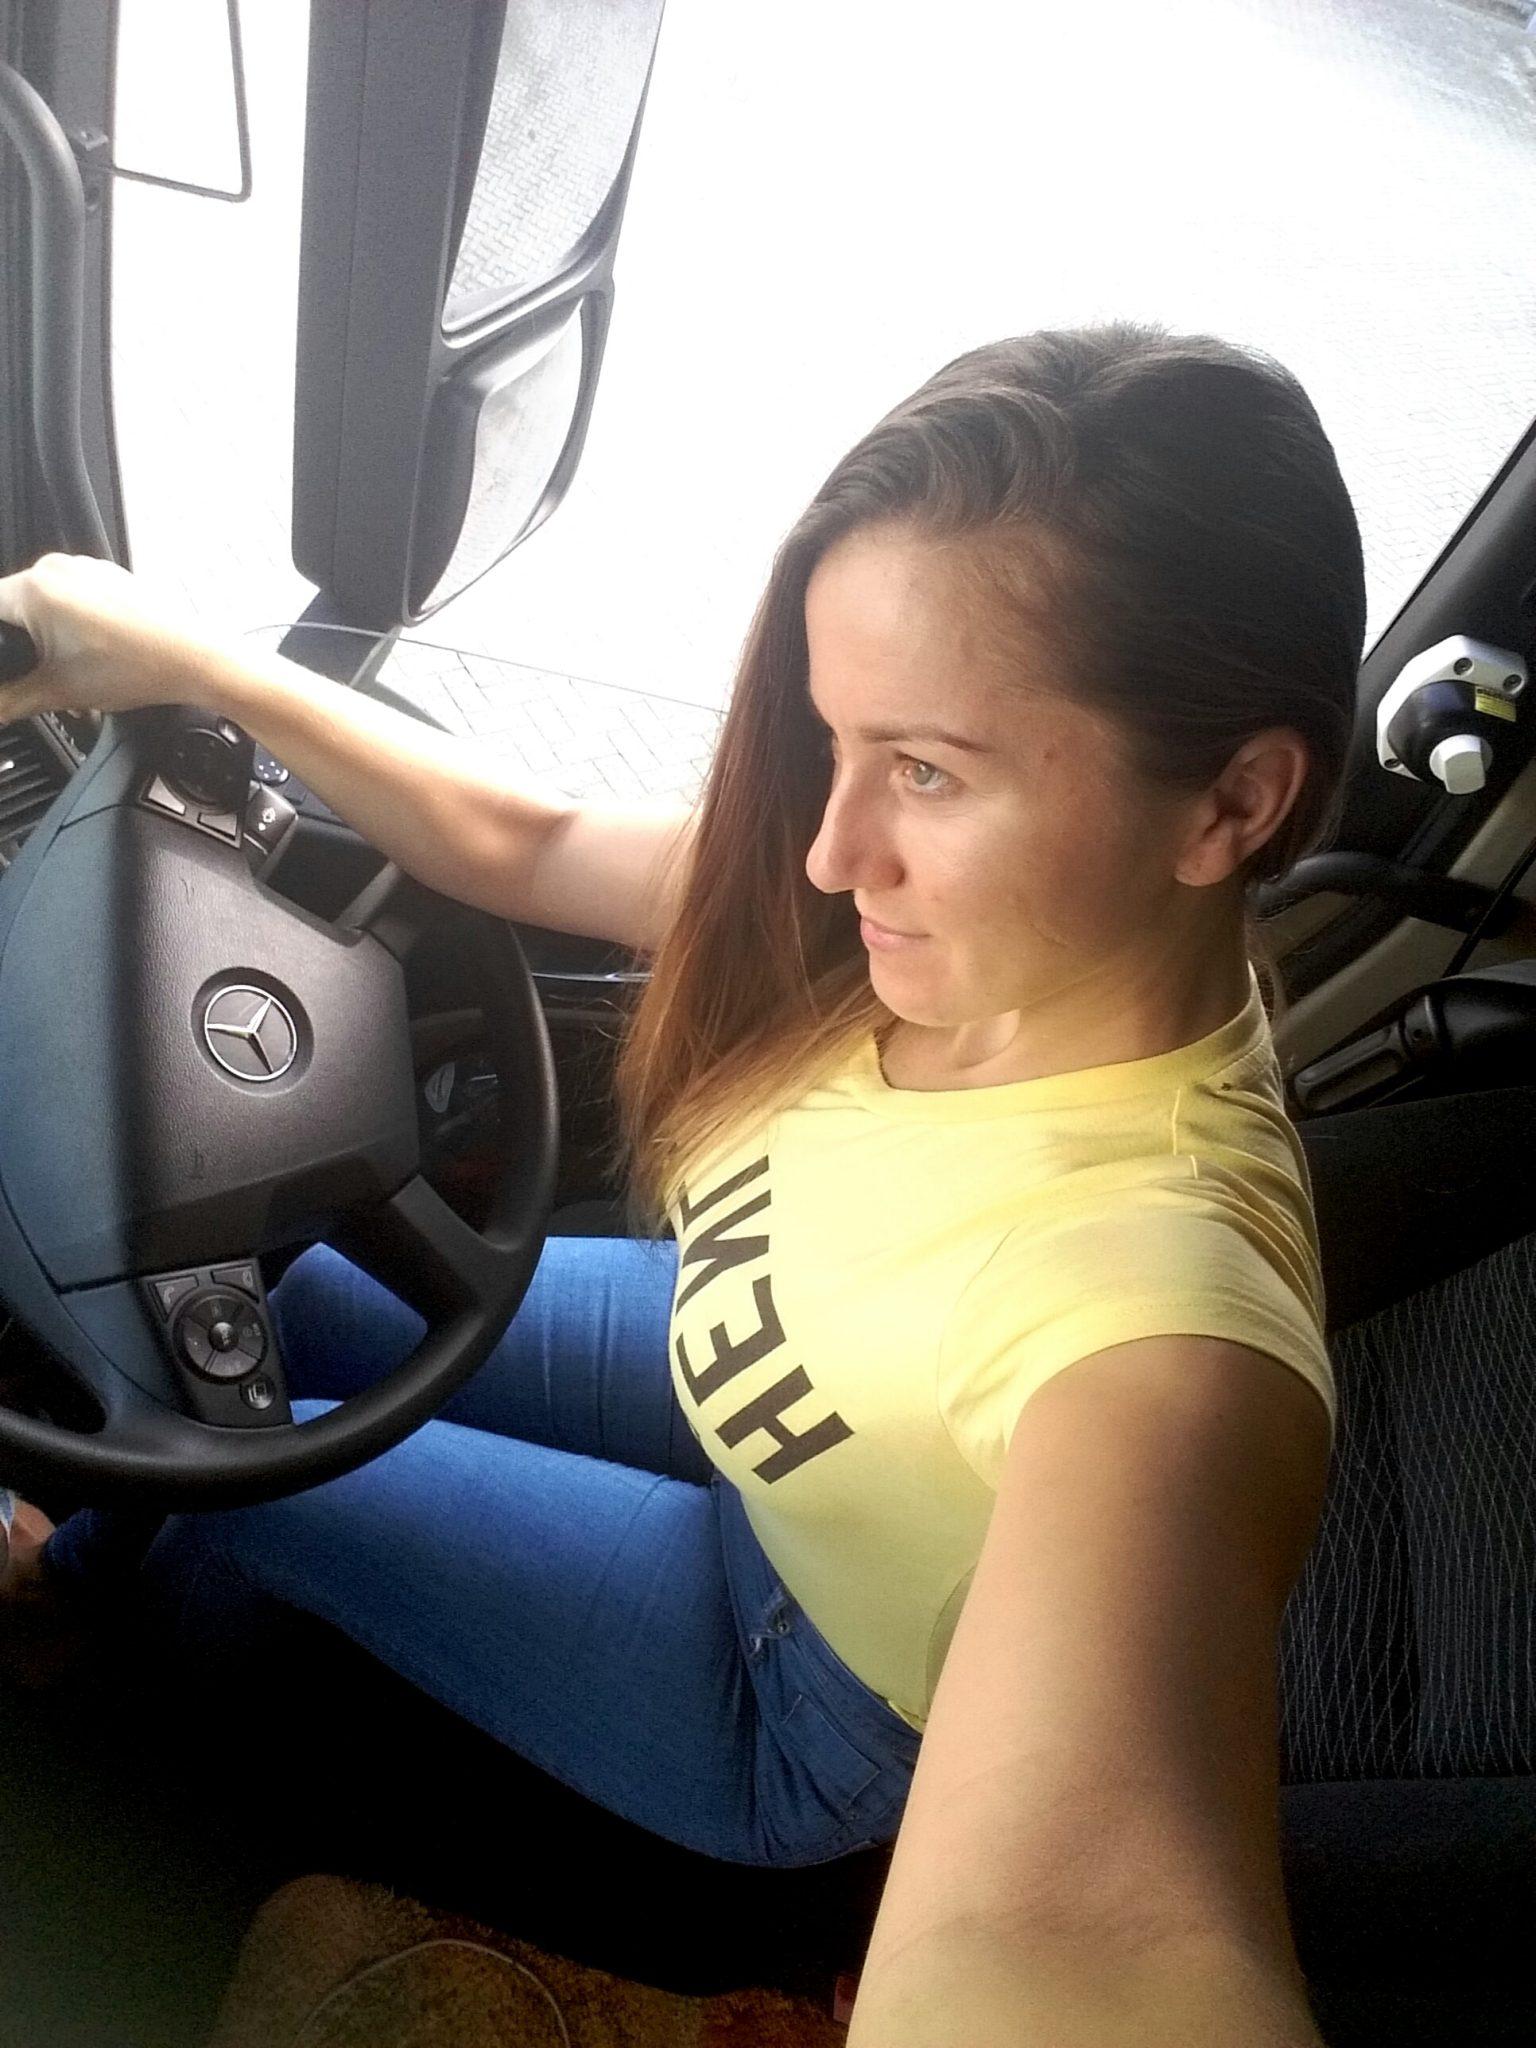 Работа девушка водитель виталистская девушка модель социальной работы